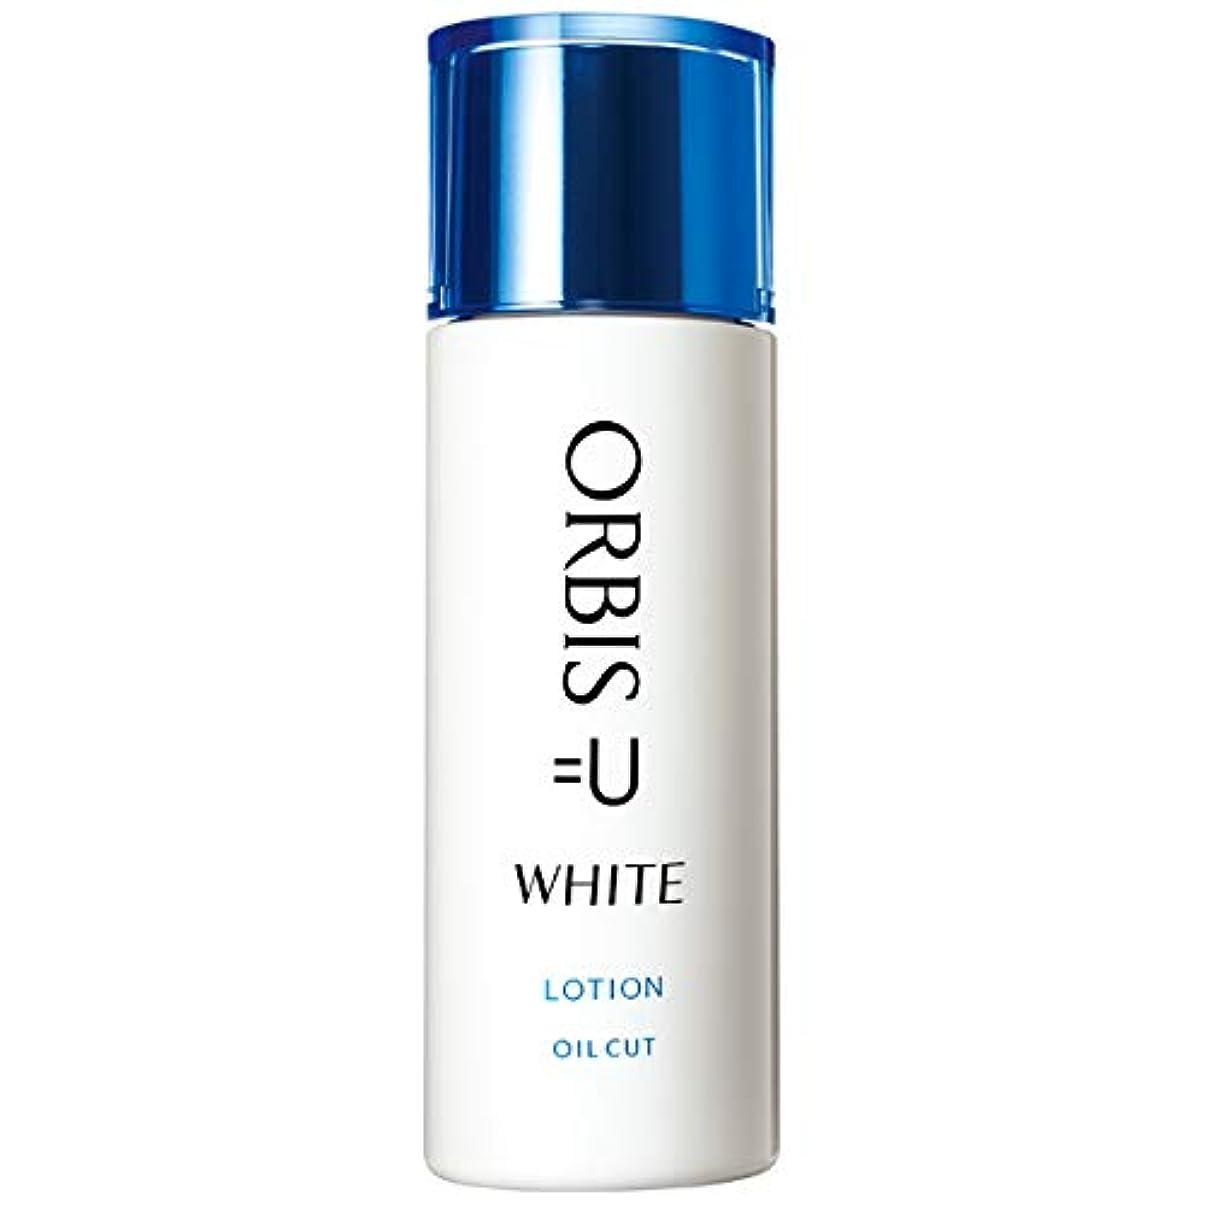 フォーマット戦略ジェットオルビス(ORBIS) オルビスユー ホワイト ローション 180mL 化粧水 [医薬部外品]